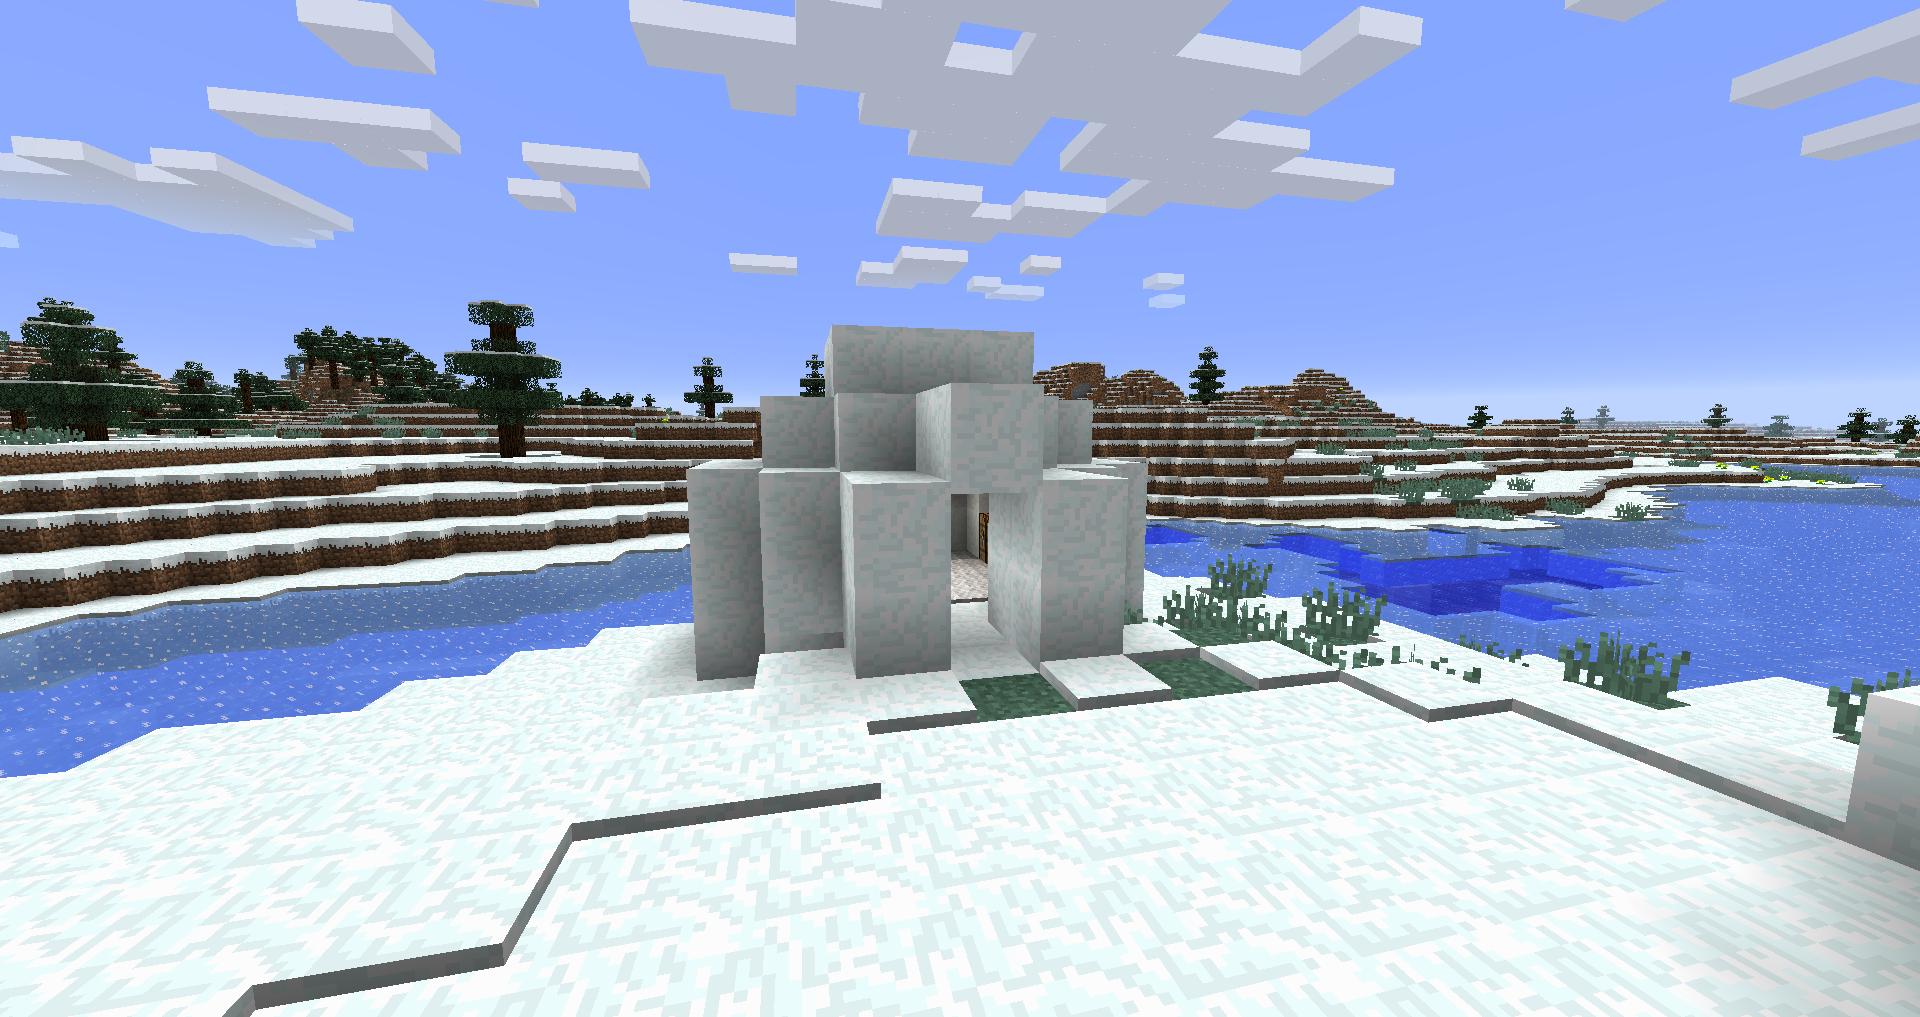 Minecraft Snapshot Der Woche 45 Survival Sandbox De